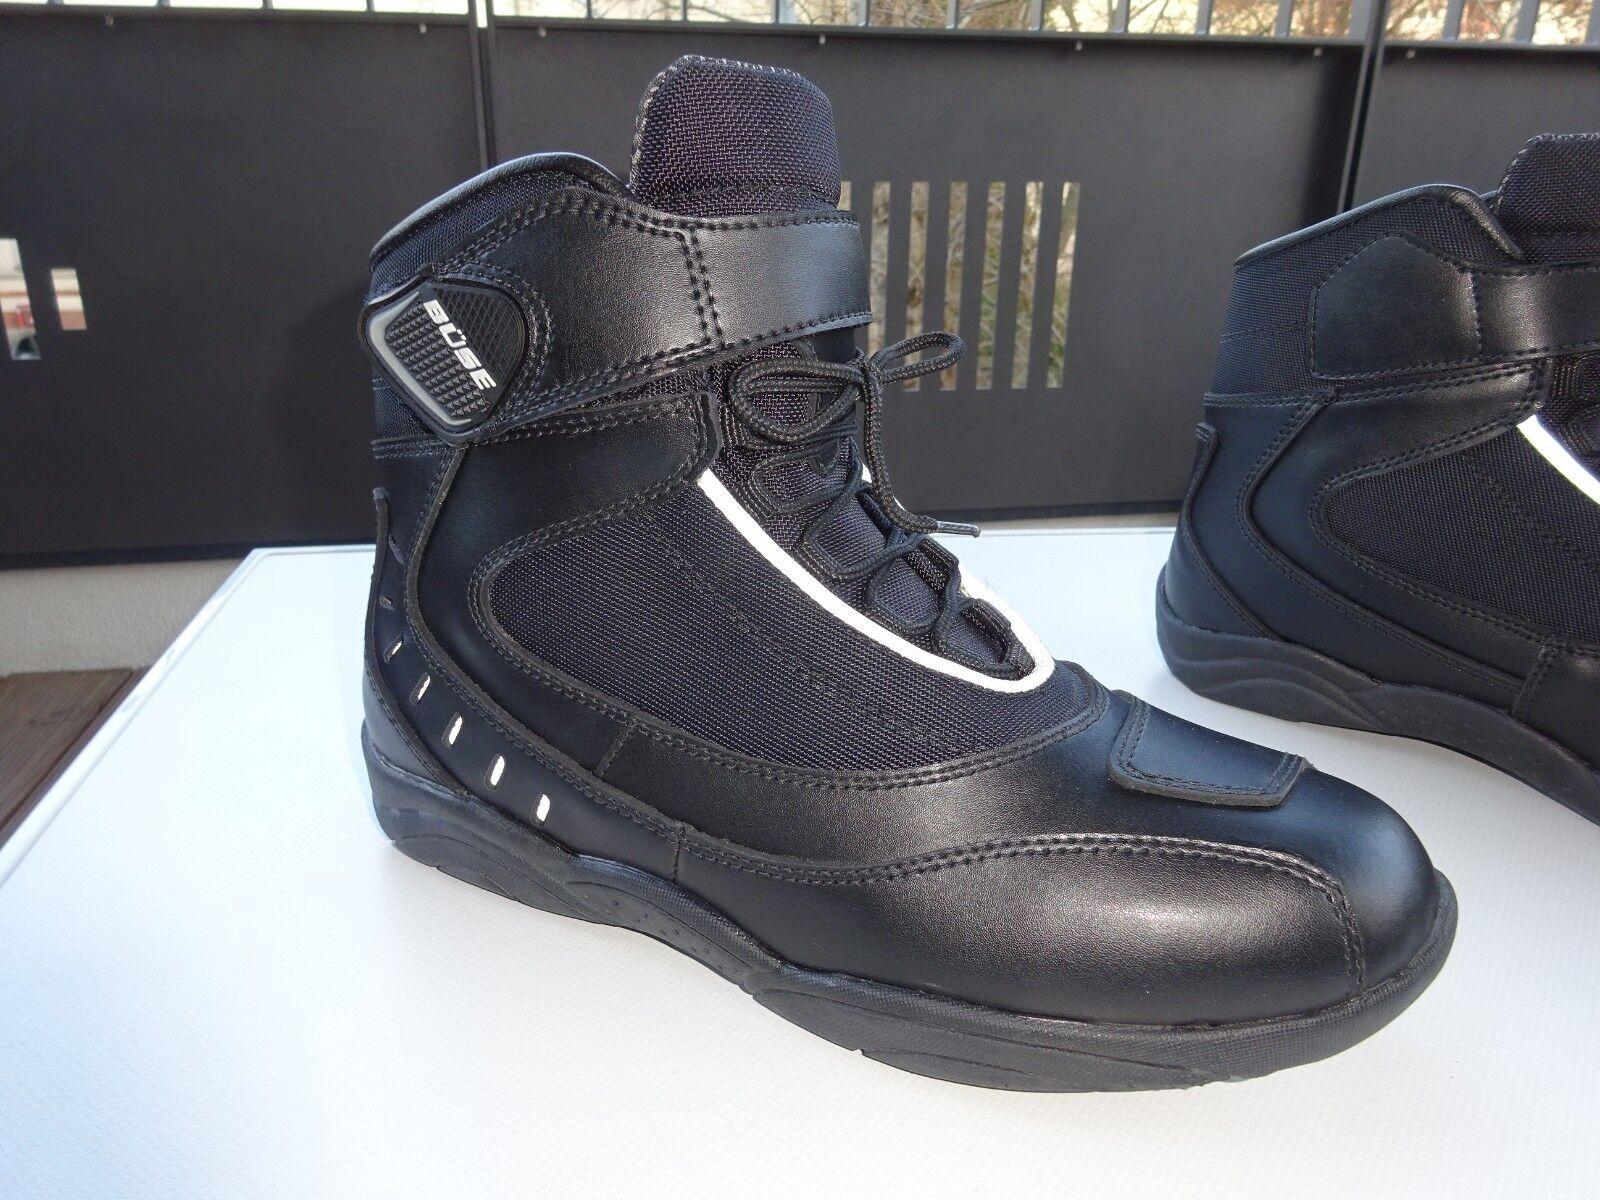 Büse 50.0145 City limit Tex zapatos señora botas motorista cuero Germany nuevo